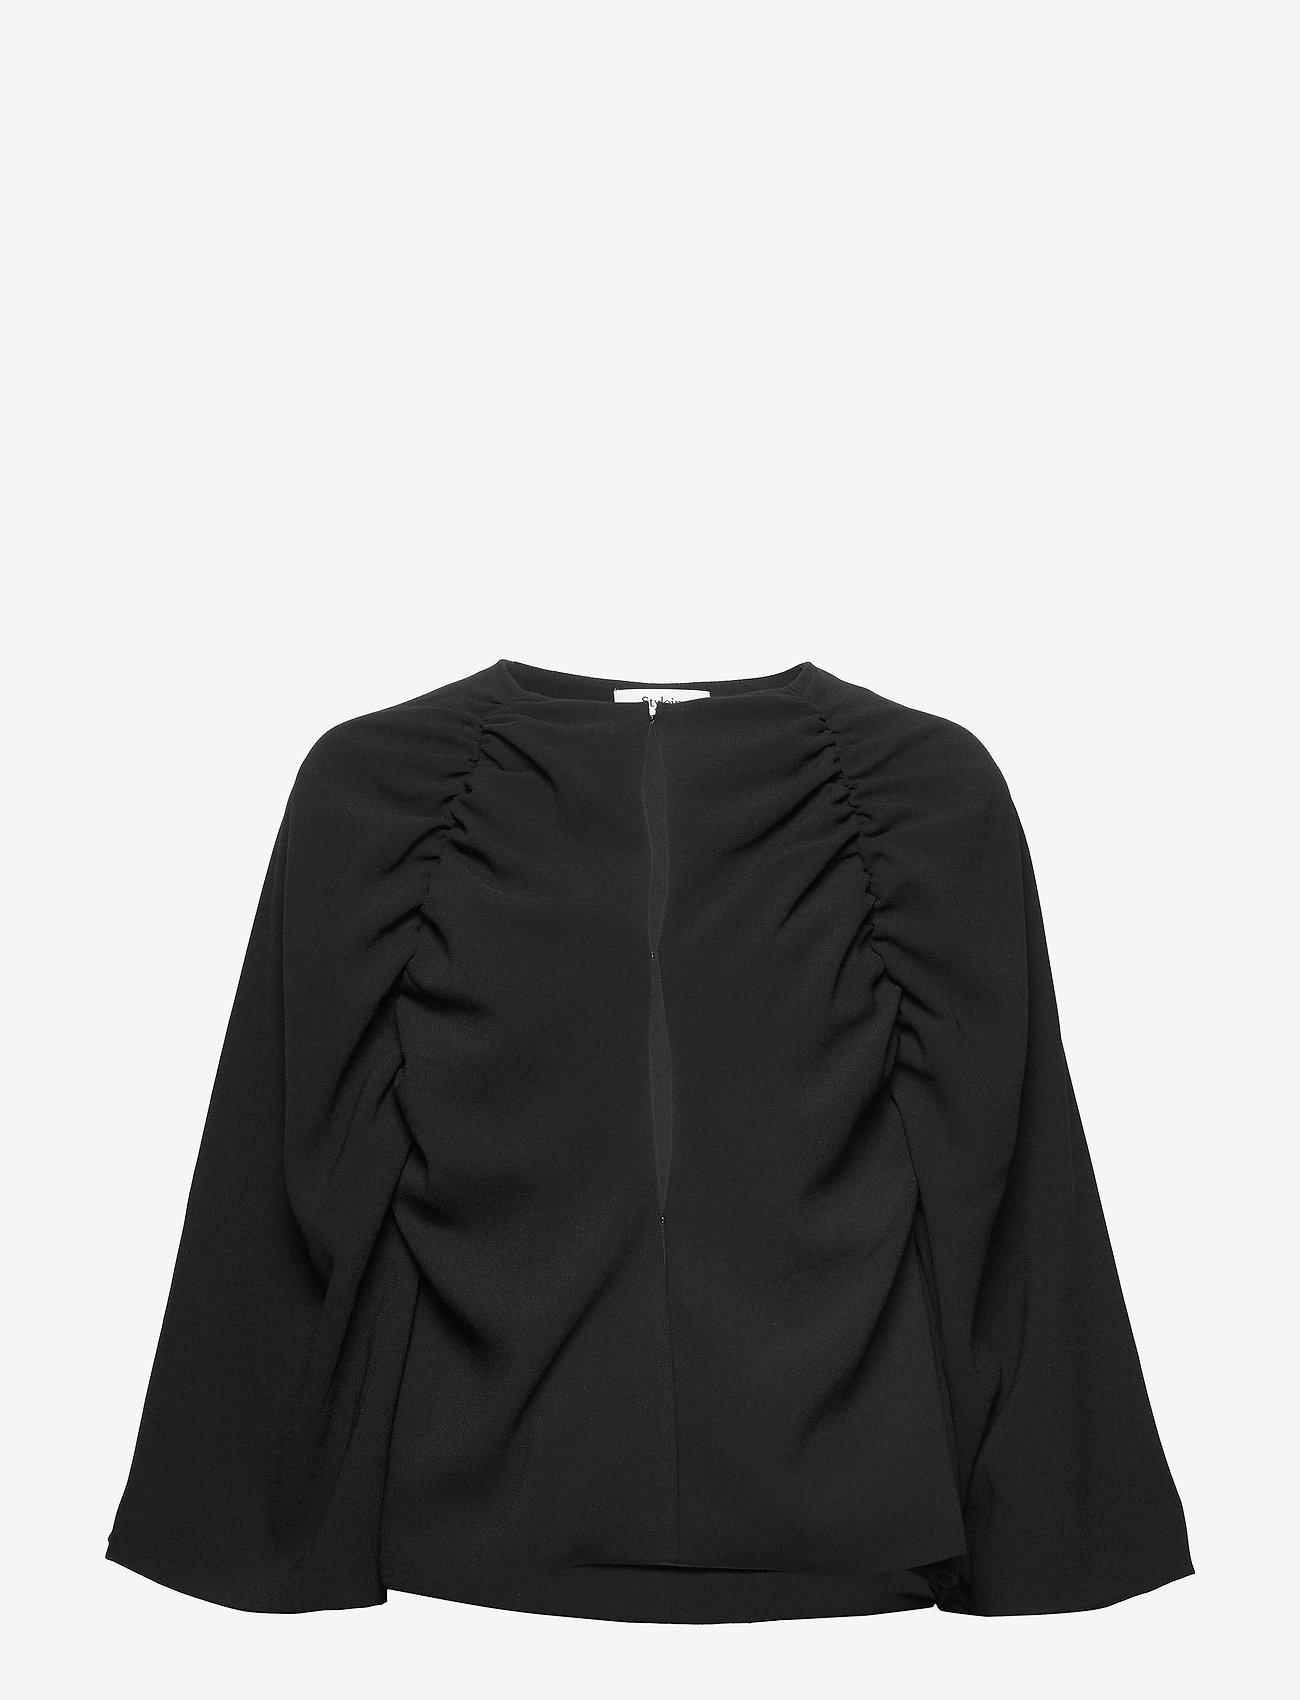 Stylein - BROOK JACKET - lette jakker - black - 1